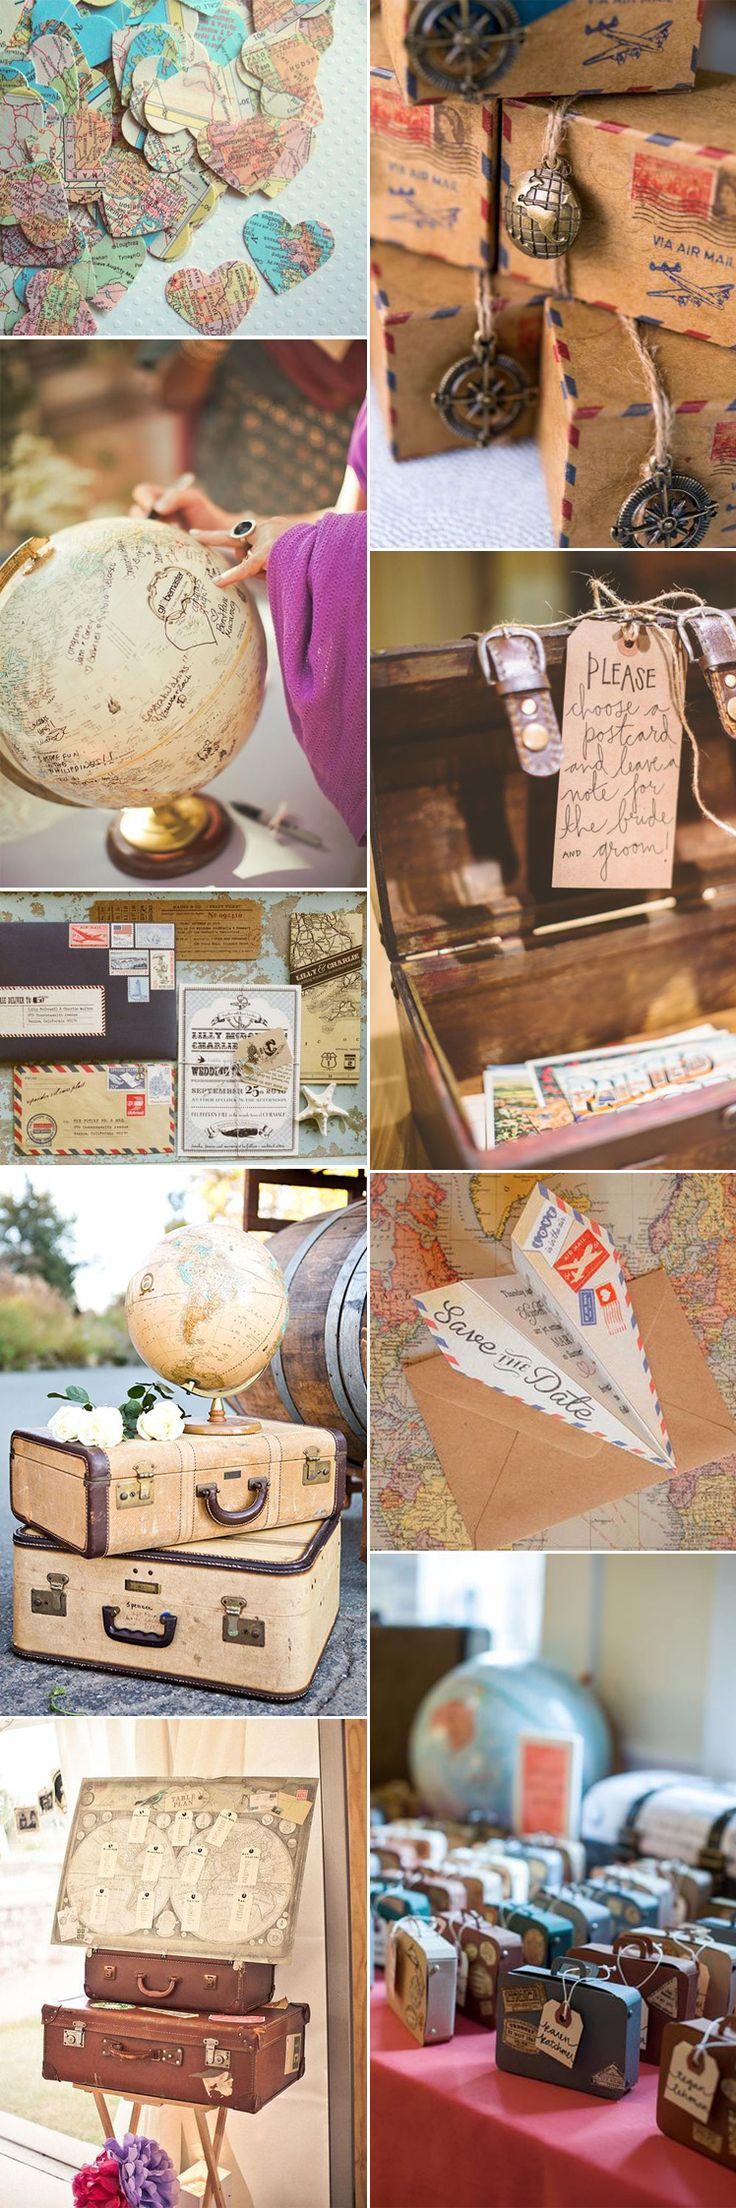 Vintage travel wedding theme ideas